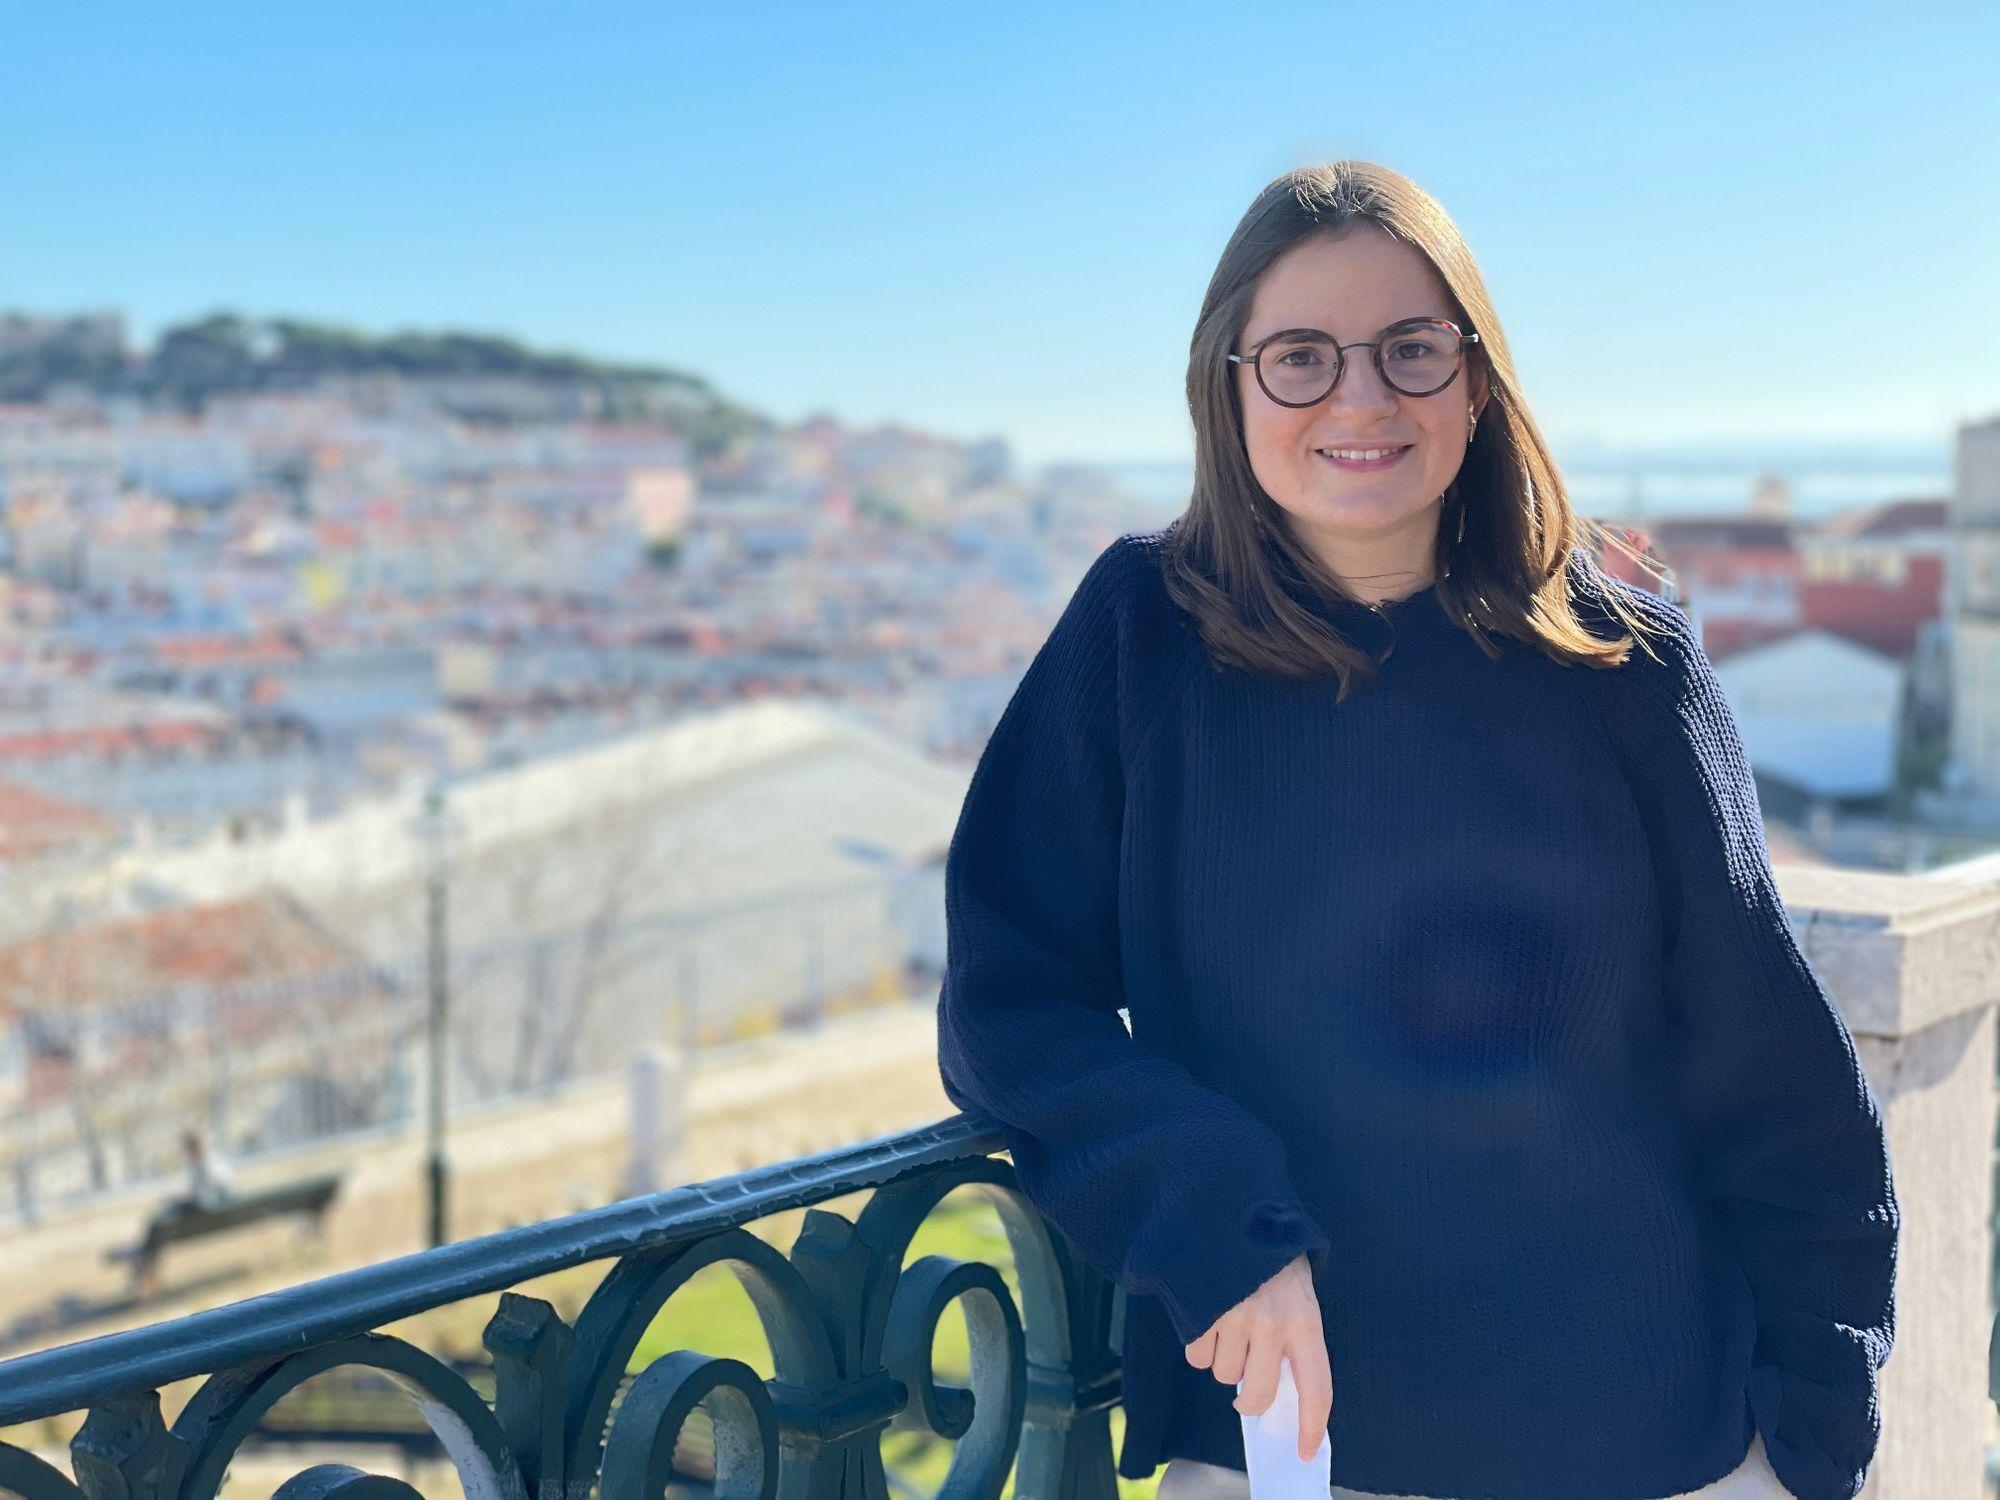 Quiq founder, Marta Calvinho